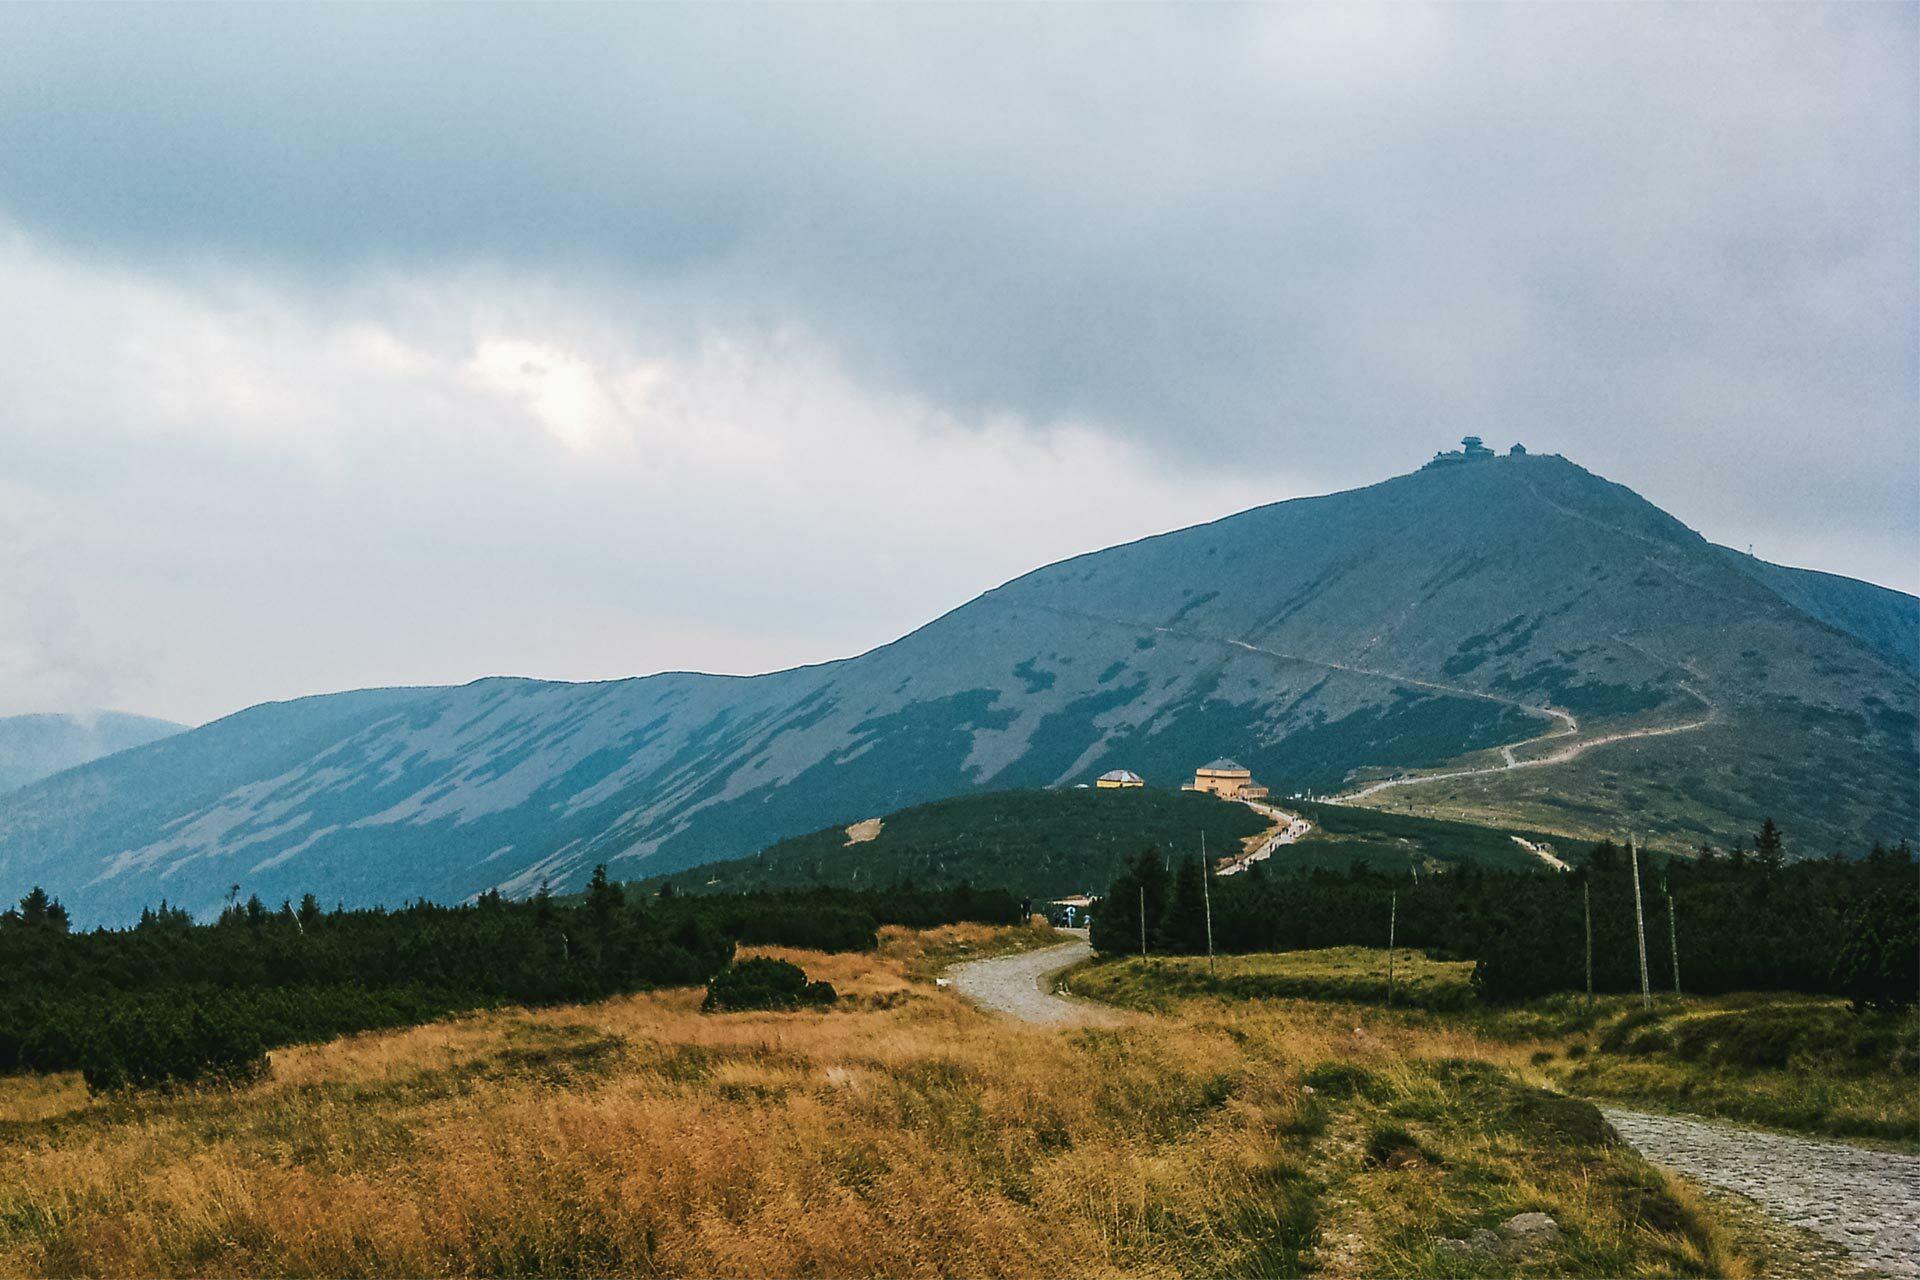 Finaler Endspurt. Noch 4 Kilometer sind es bis auf den Gipfel der Schneekoppe und der Nebel steigt schnell aus dem Tal hoch.